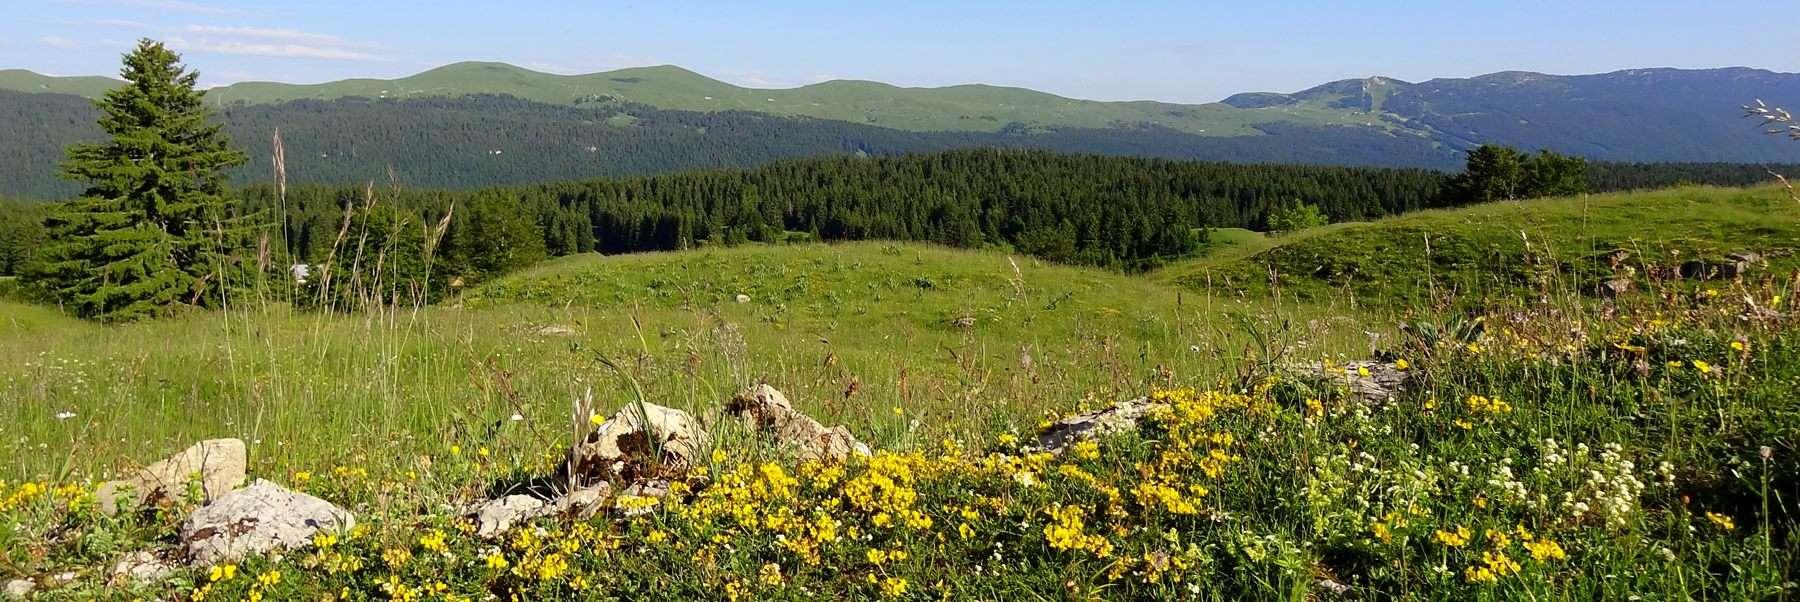 Les Monts Jura depuis Les Molunes